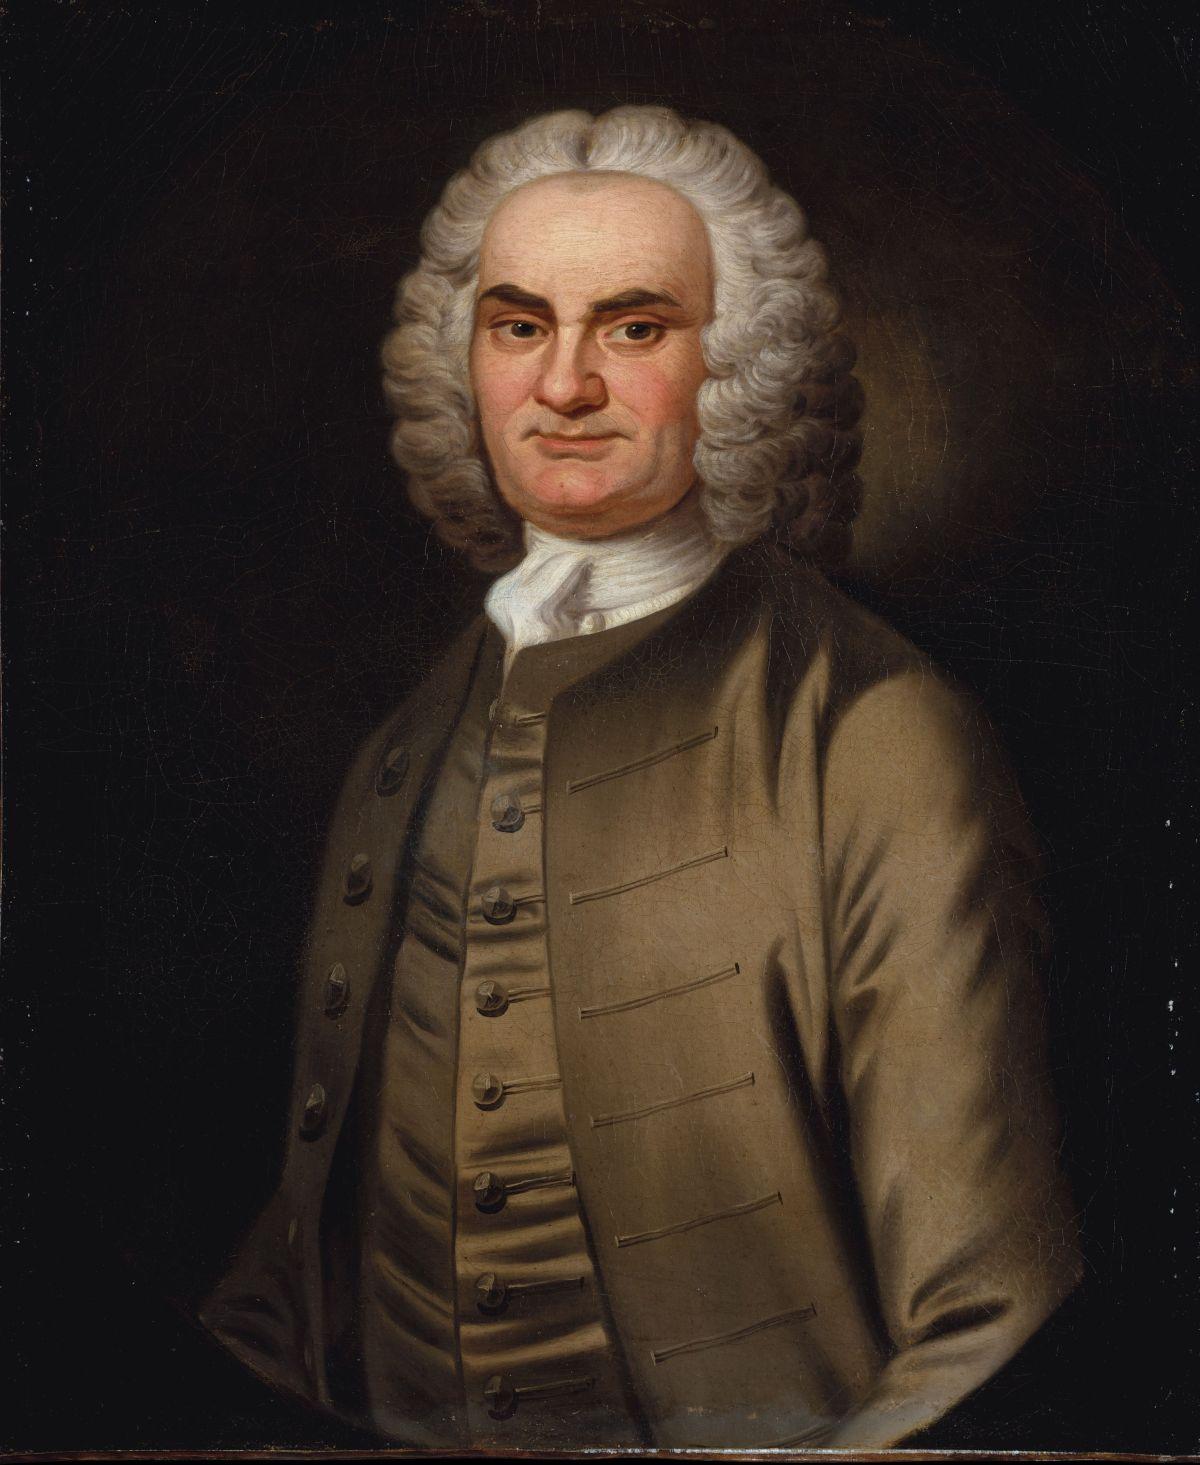 Joseph Reade by John Wollaston